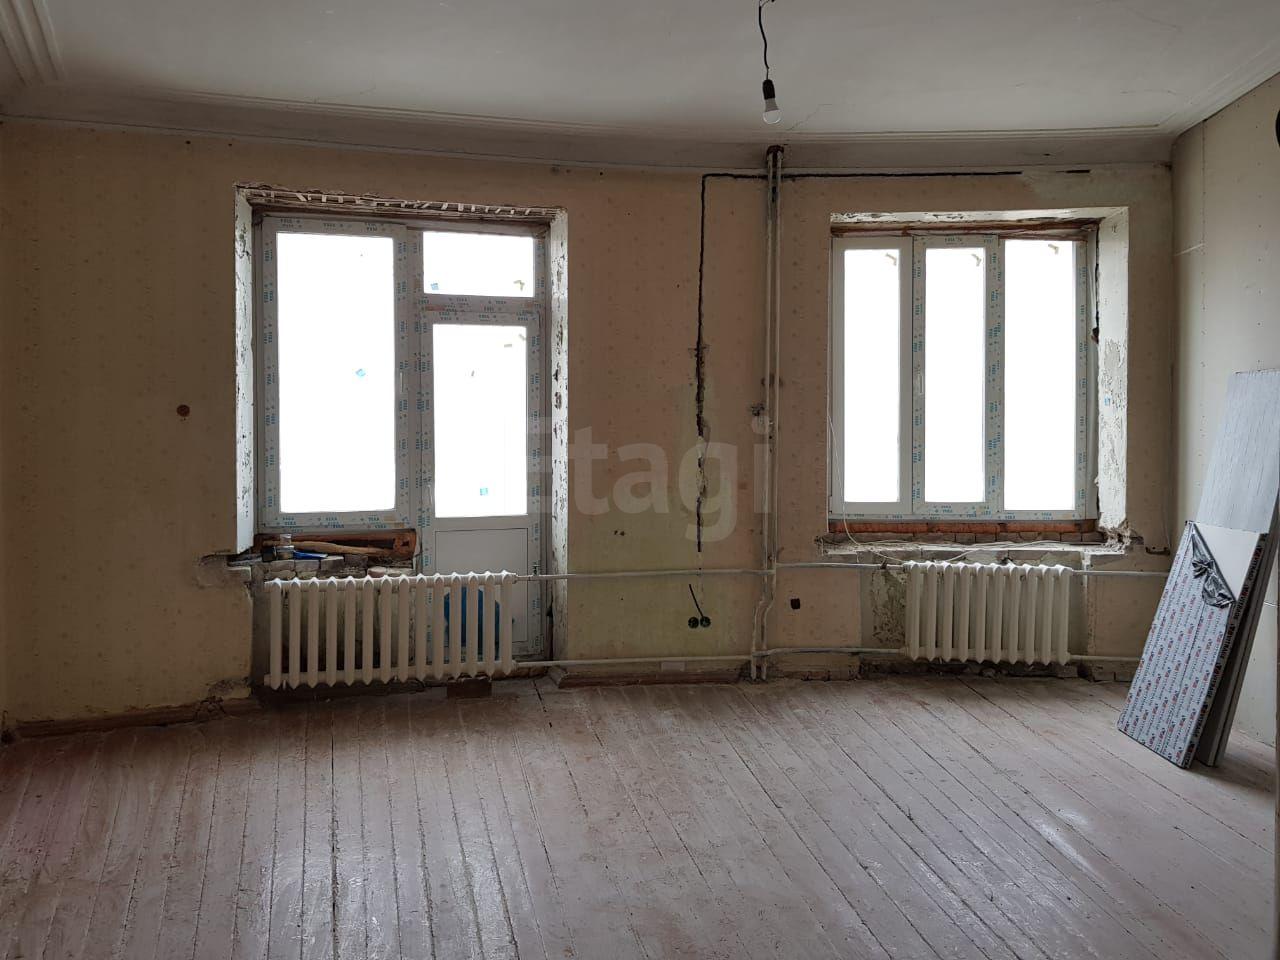 Продается трехкомнатная квартира за 3 770 000 рублей. Кировский, ул. Богатырева, д. 2 к5 (3.7 км до центра).